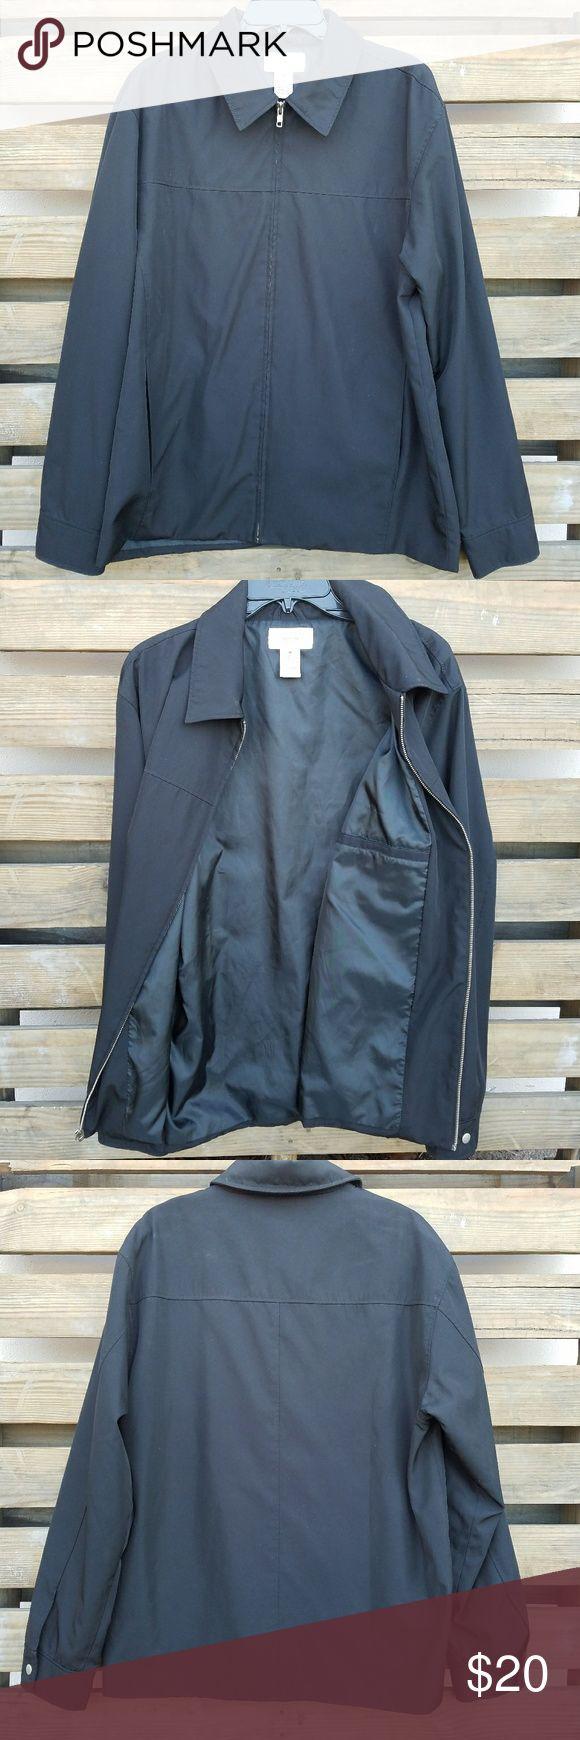 Merona water resistant jacket womens